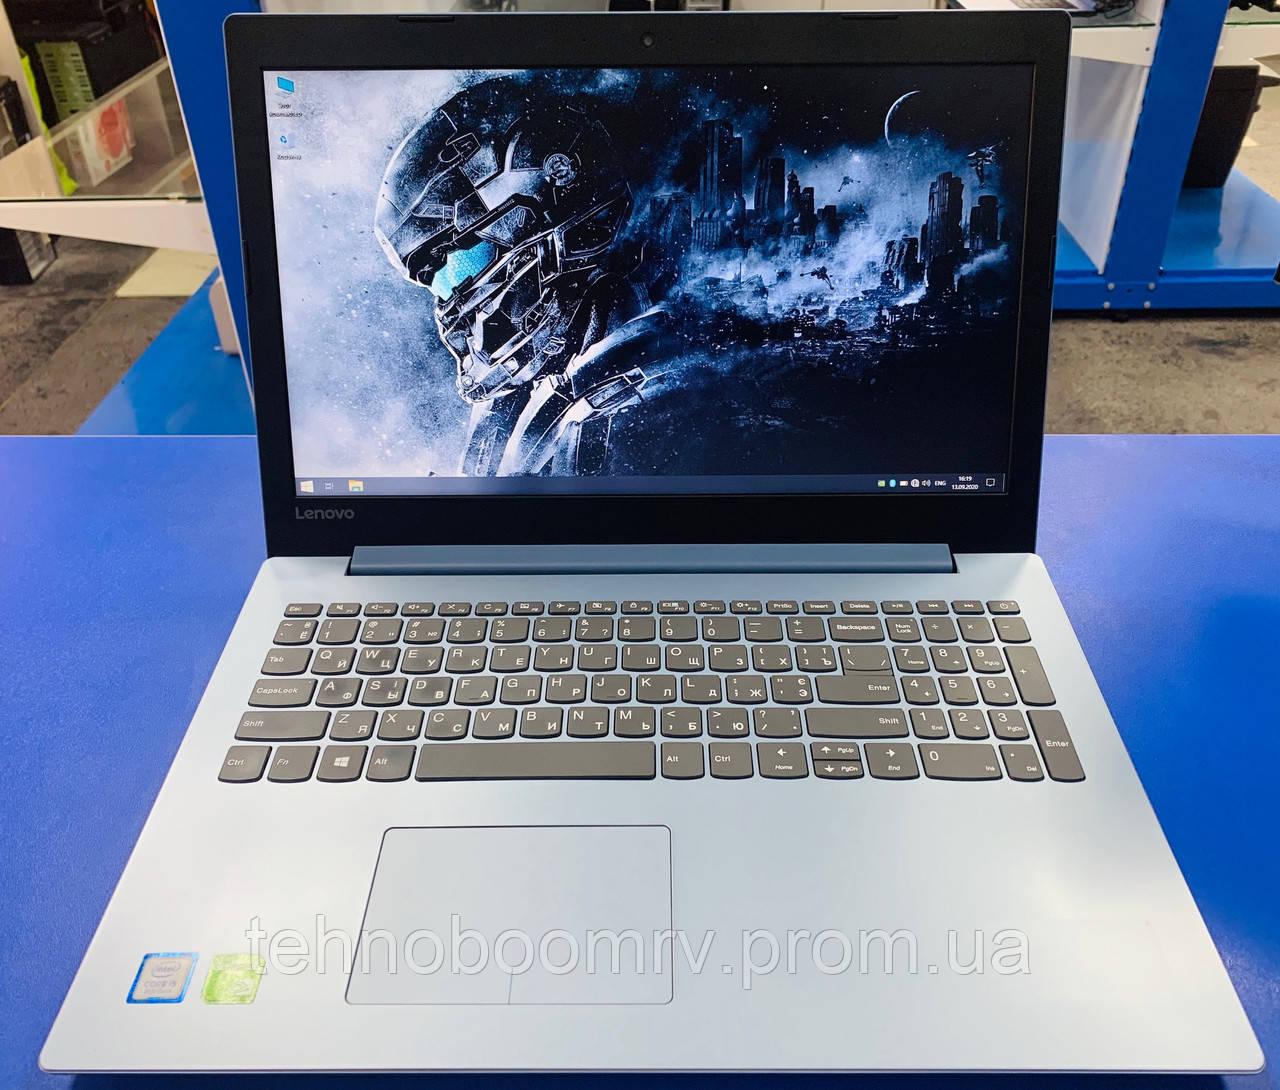 Игровой Lenovo/15.6 FHD/Intel i5-8250U 3.4GHz/DDR4 8GB/Карта MX150 2GBНет в наличии